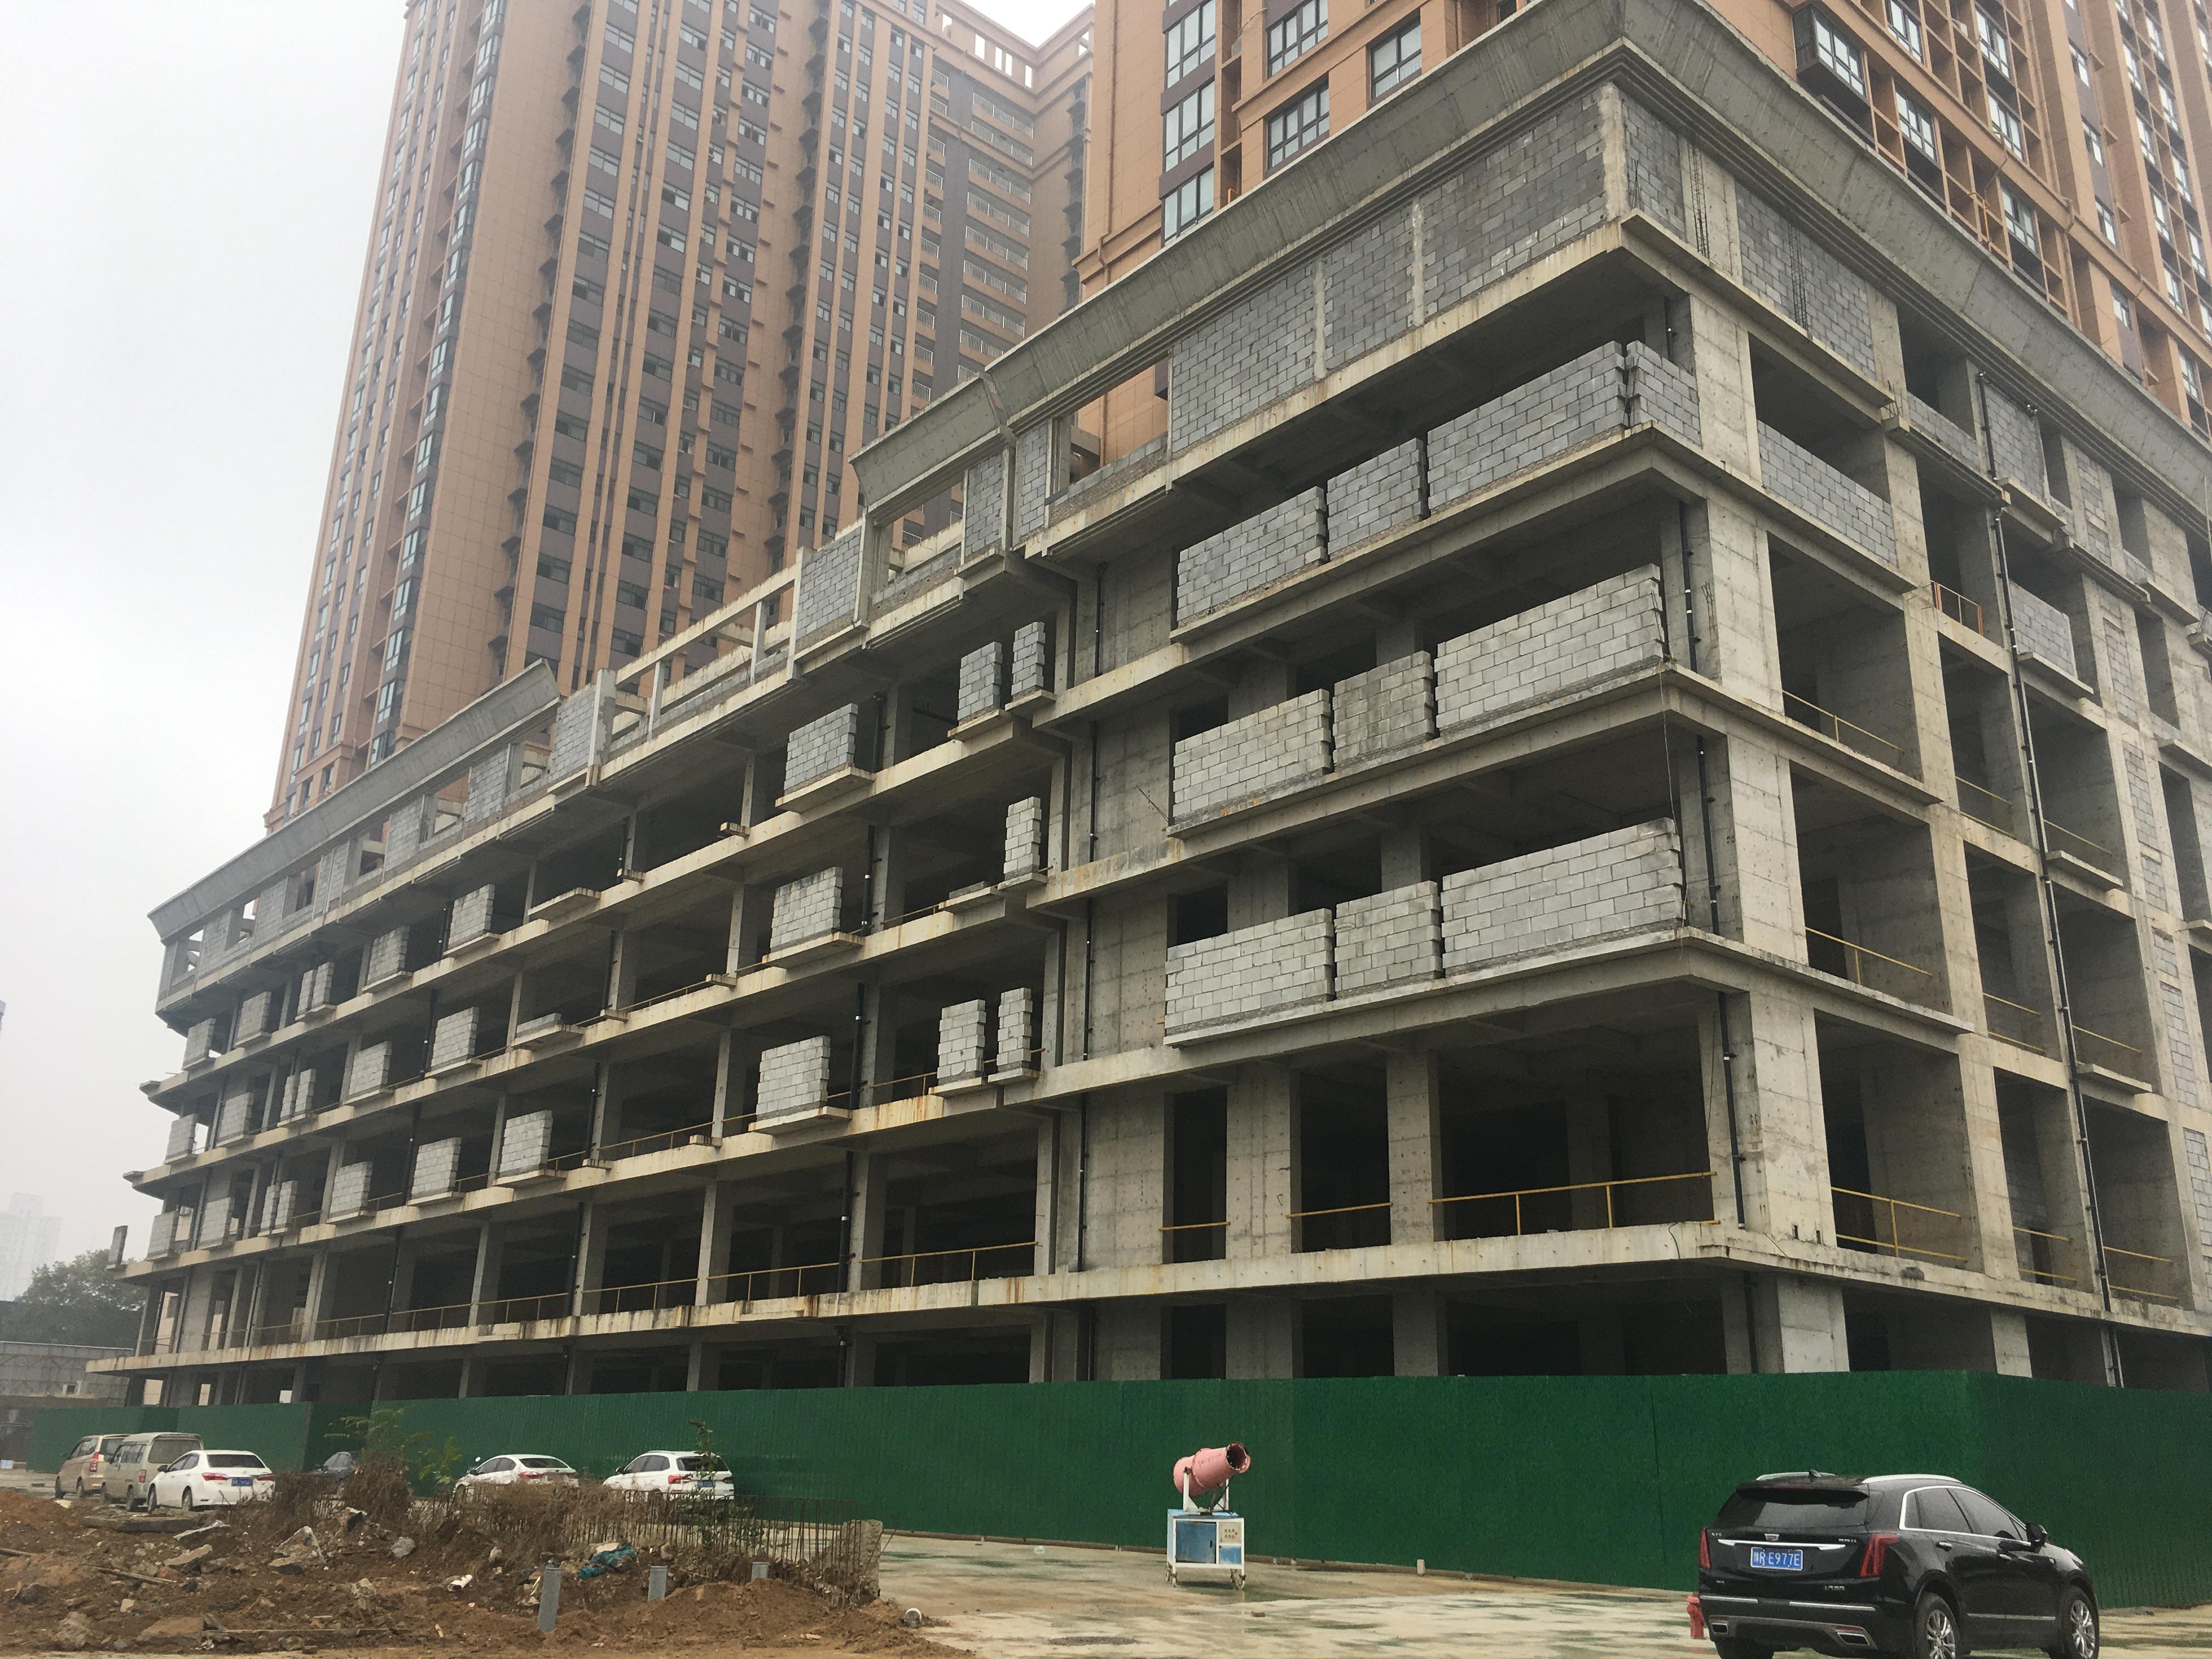 2020年10月31日,铂金时代底下的商业五层因缺乏资金,迟迟未开工建设。李晓芳/摄